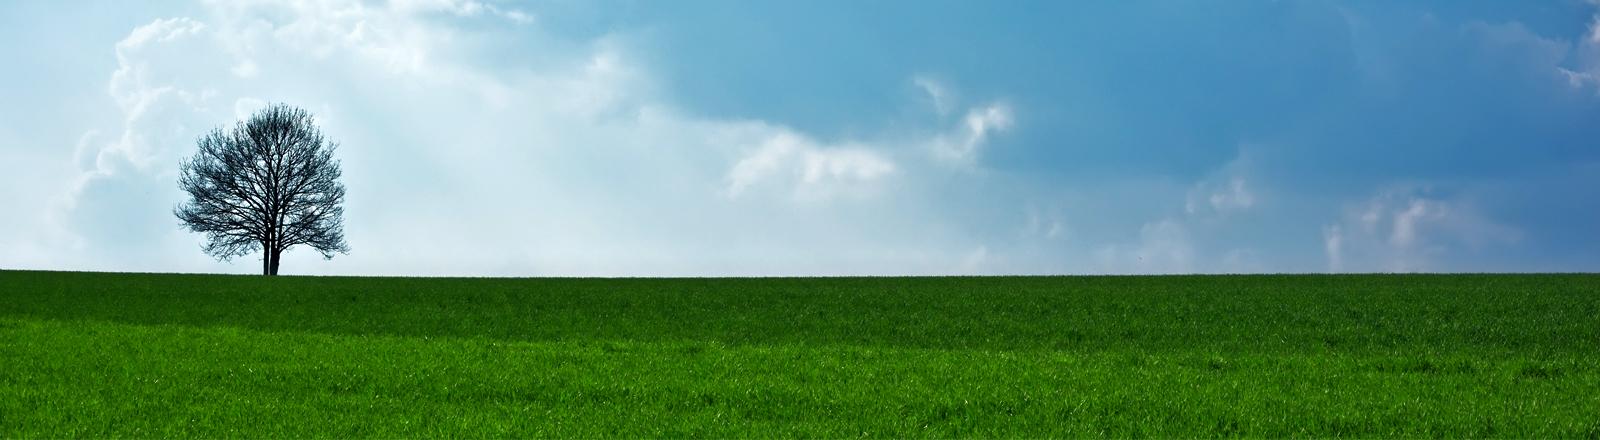 Ein Baum steht einsam auf einer Wiese am Horizont